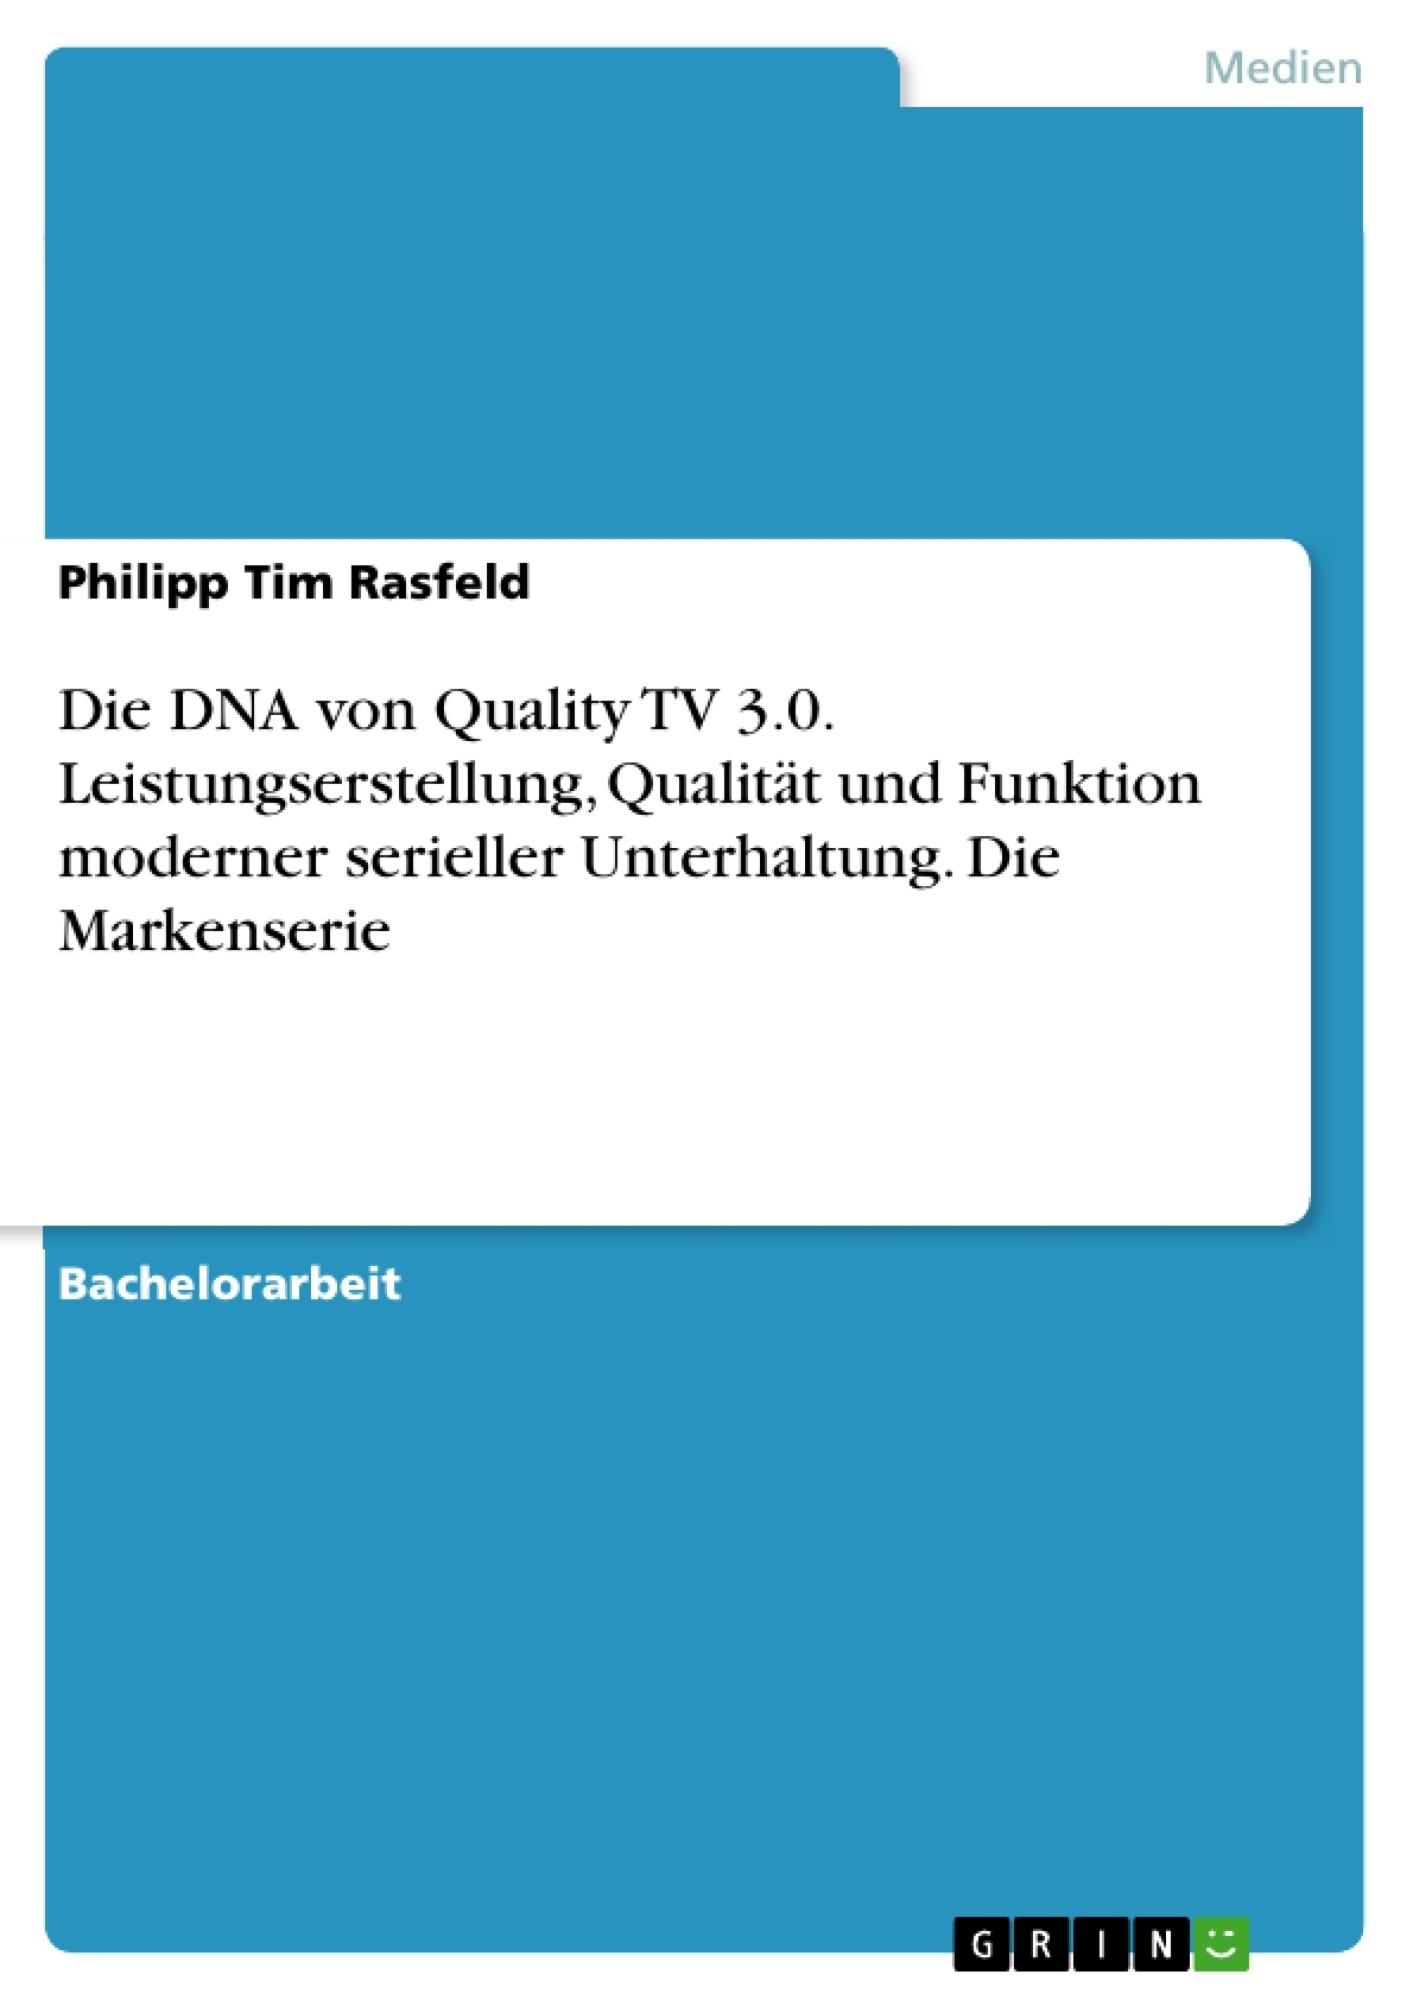 Titel: Die DNA von Quality TV 3.0. Leistungserstellung, Qualität und Funktion moderner serieller Unterhaltung. Die Markenserie